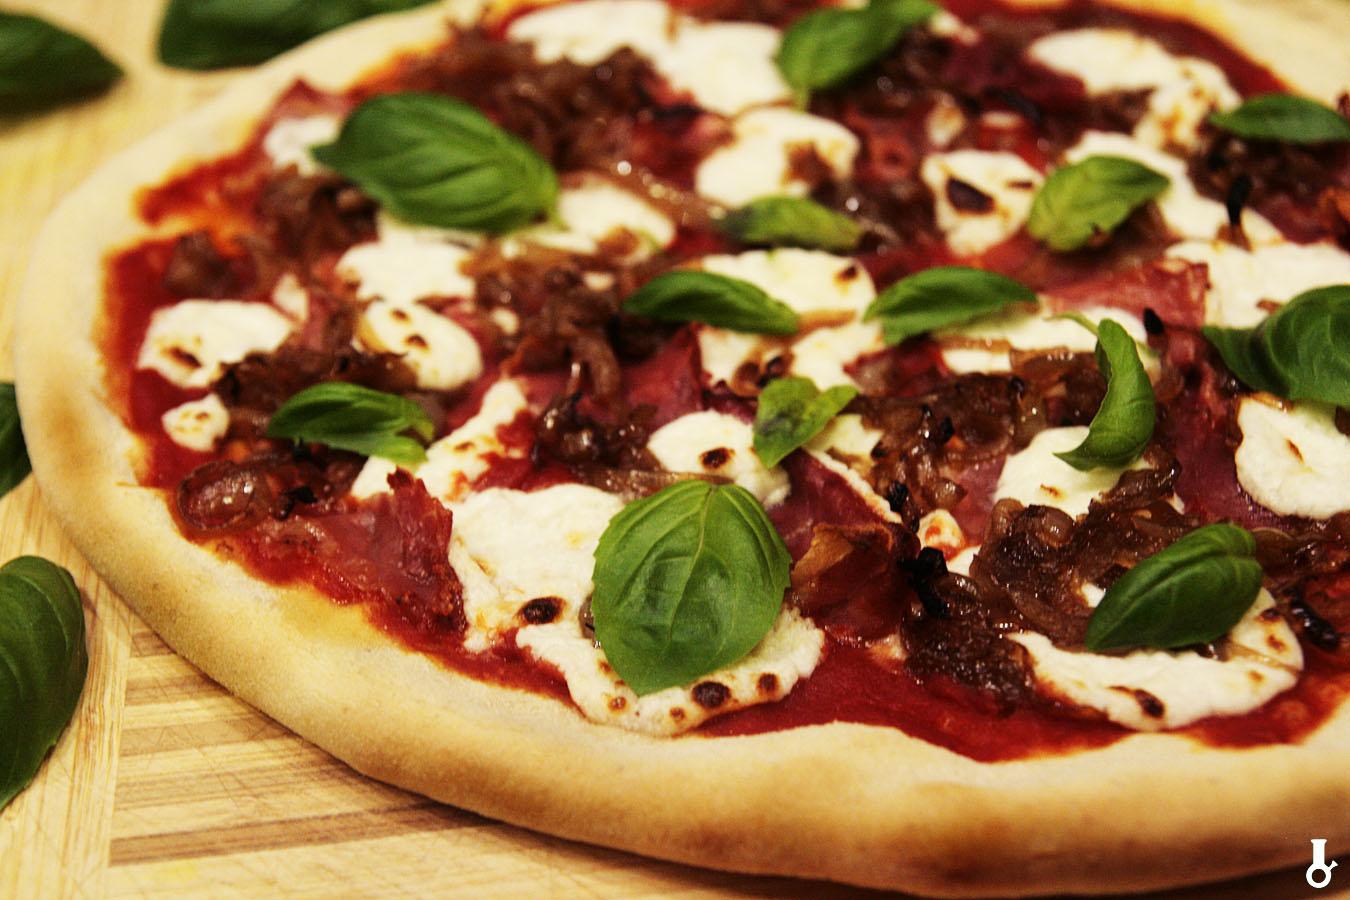 http://www.stonerchef.pl/wp-content/uploads/2017/11/pizza-parma-po-upieczeniu.jpg